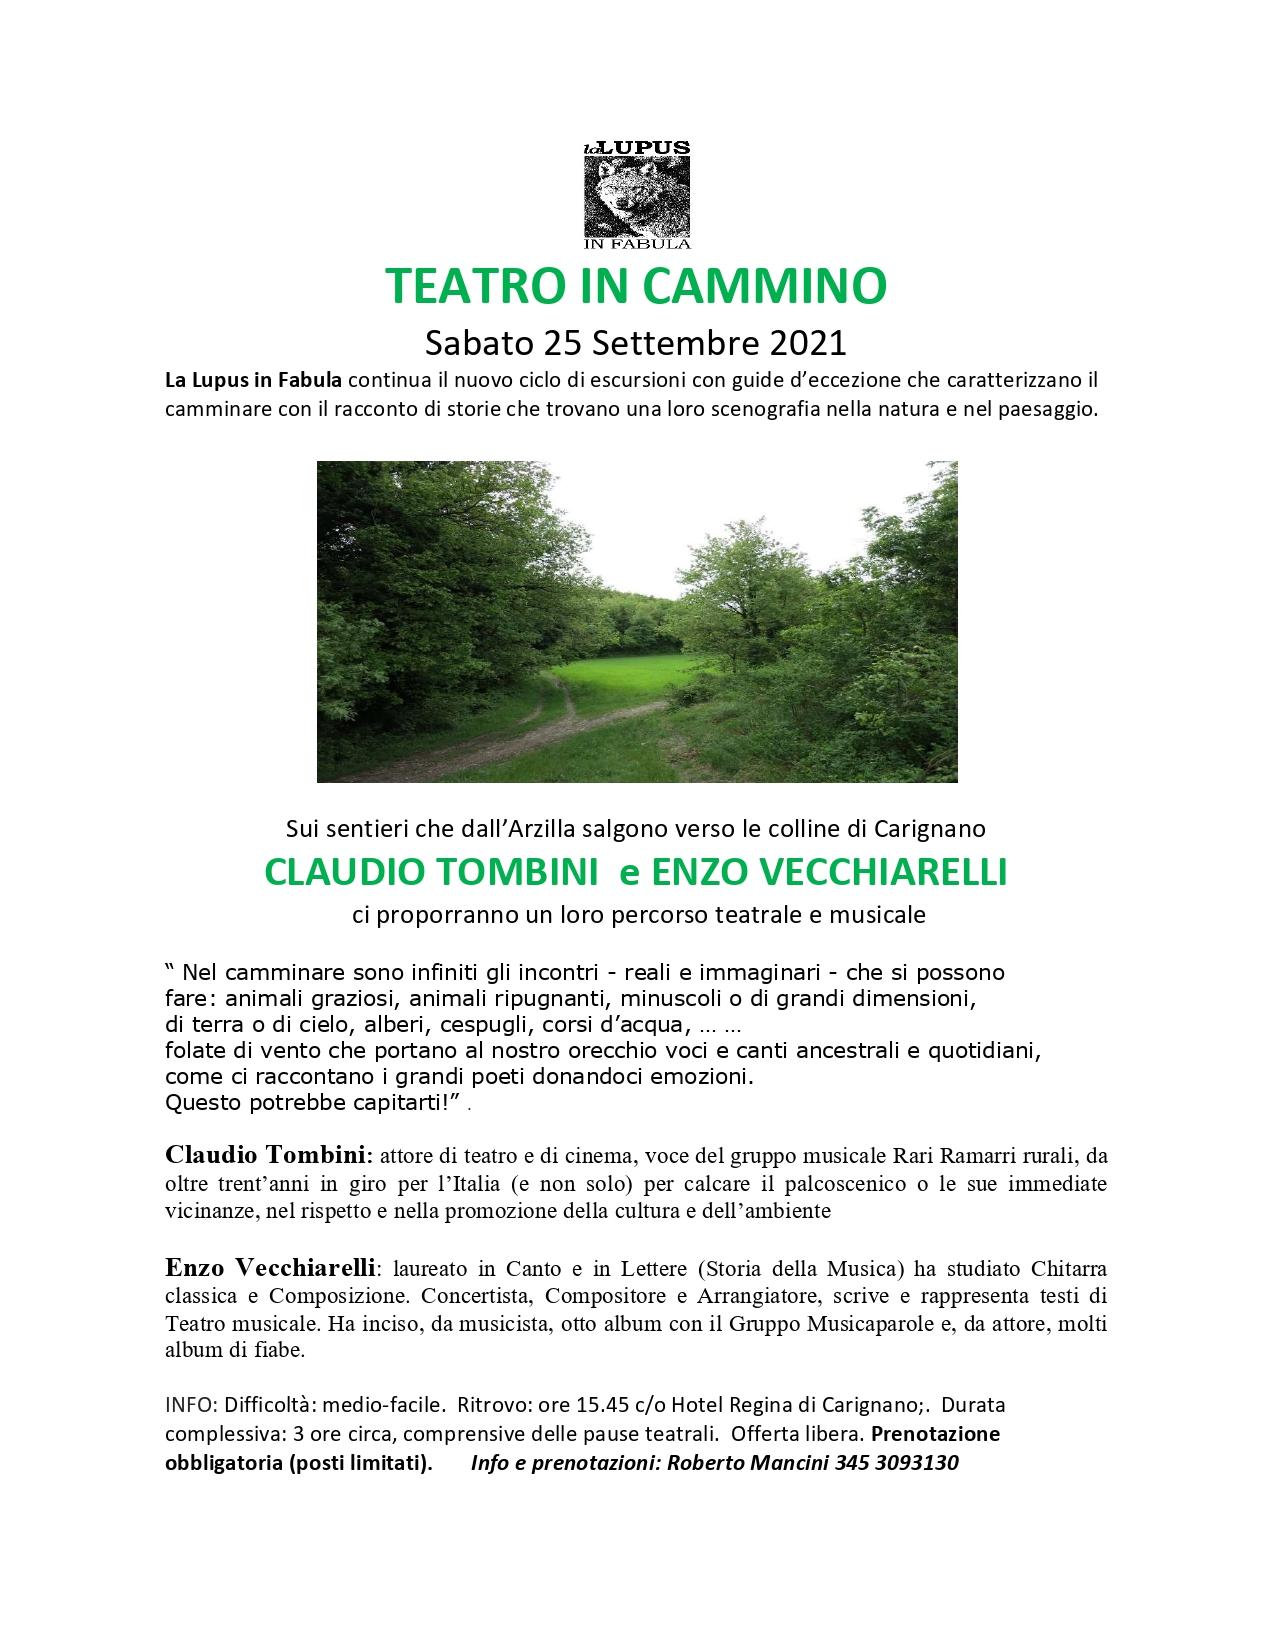 TEATRO IN CAMMINO – Carignano